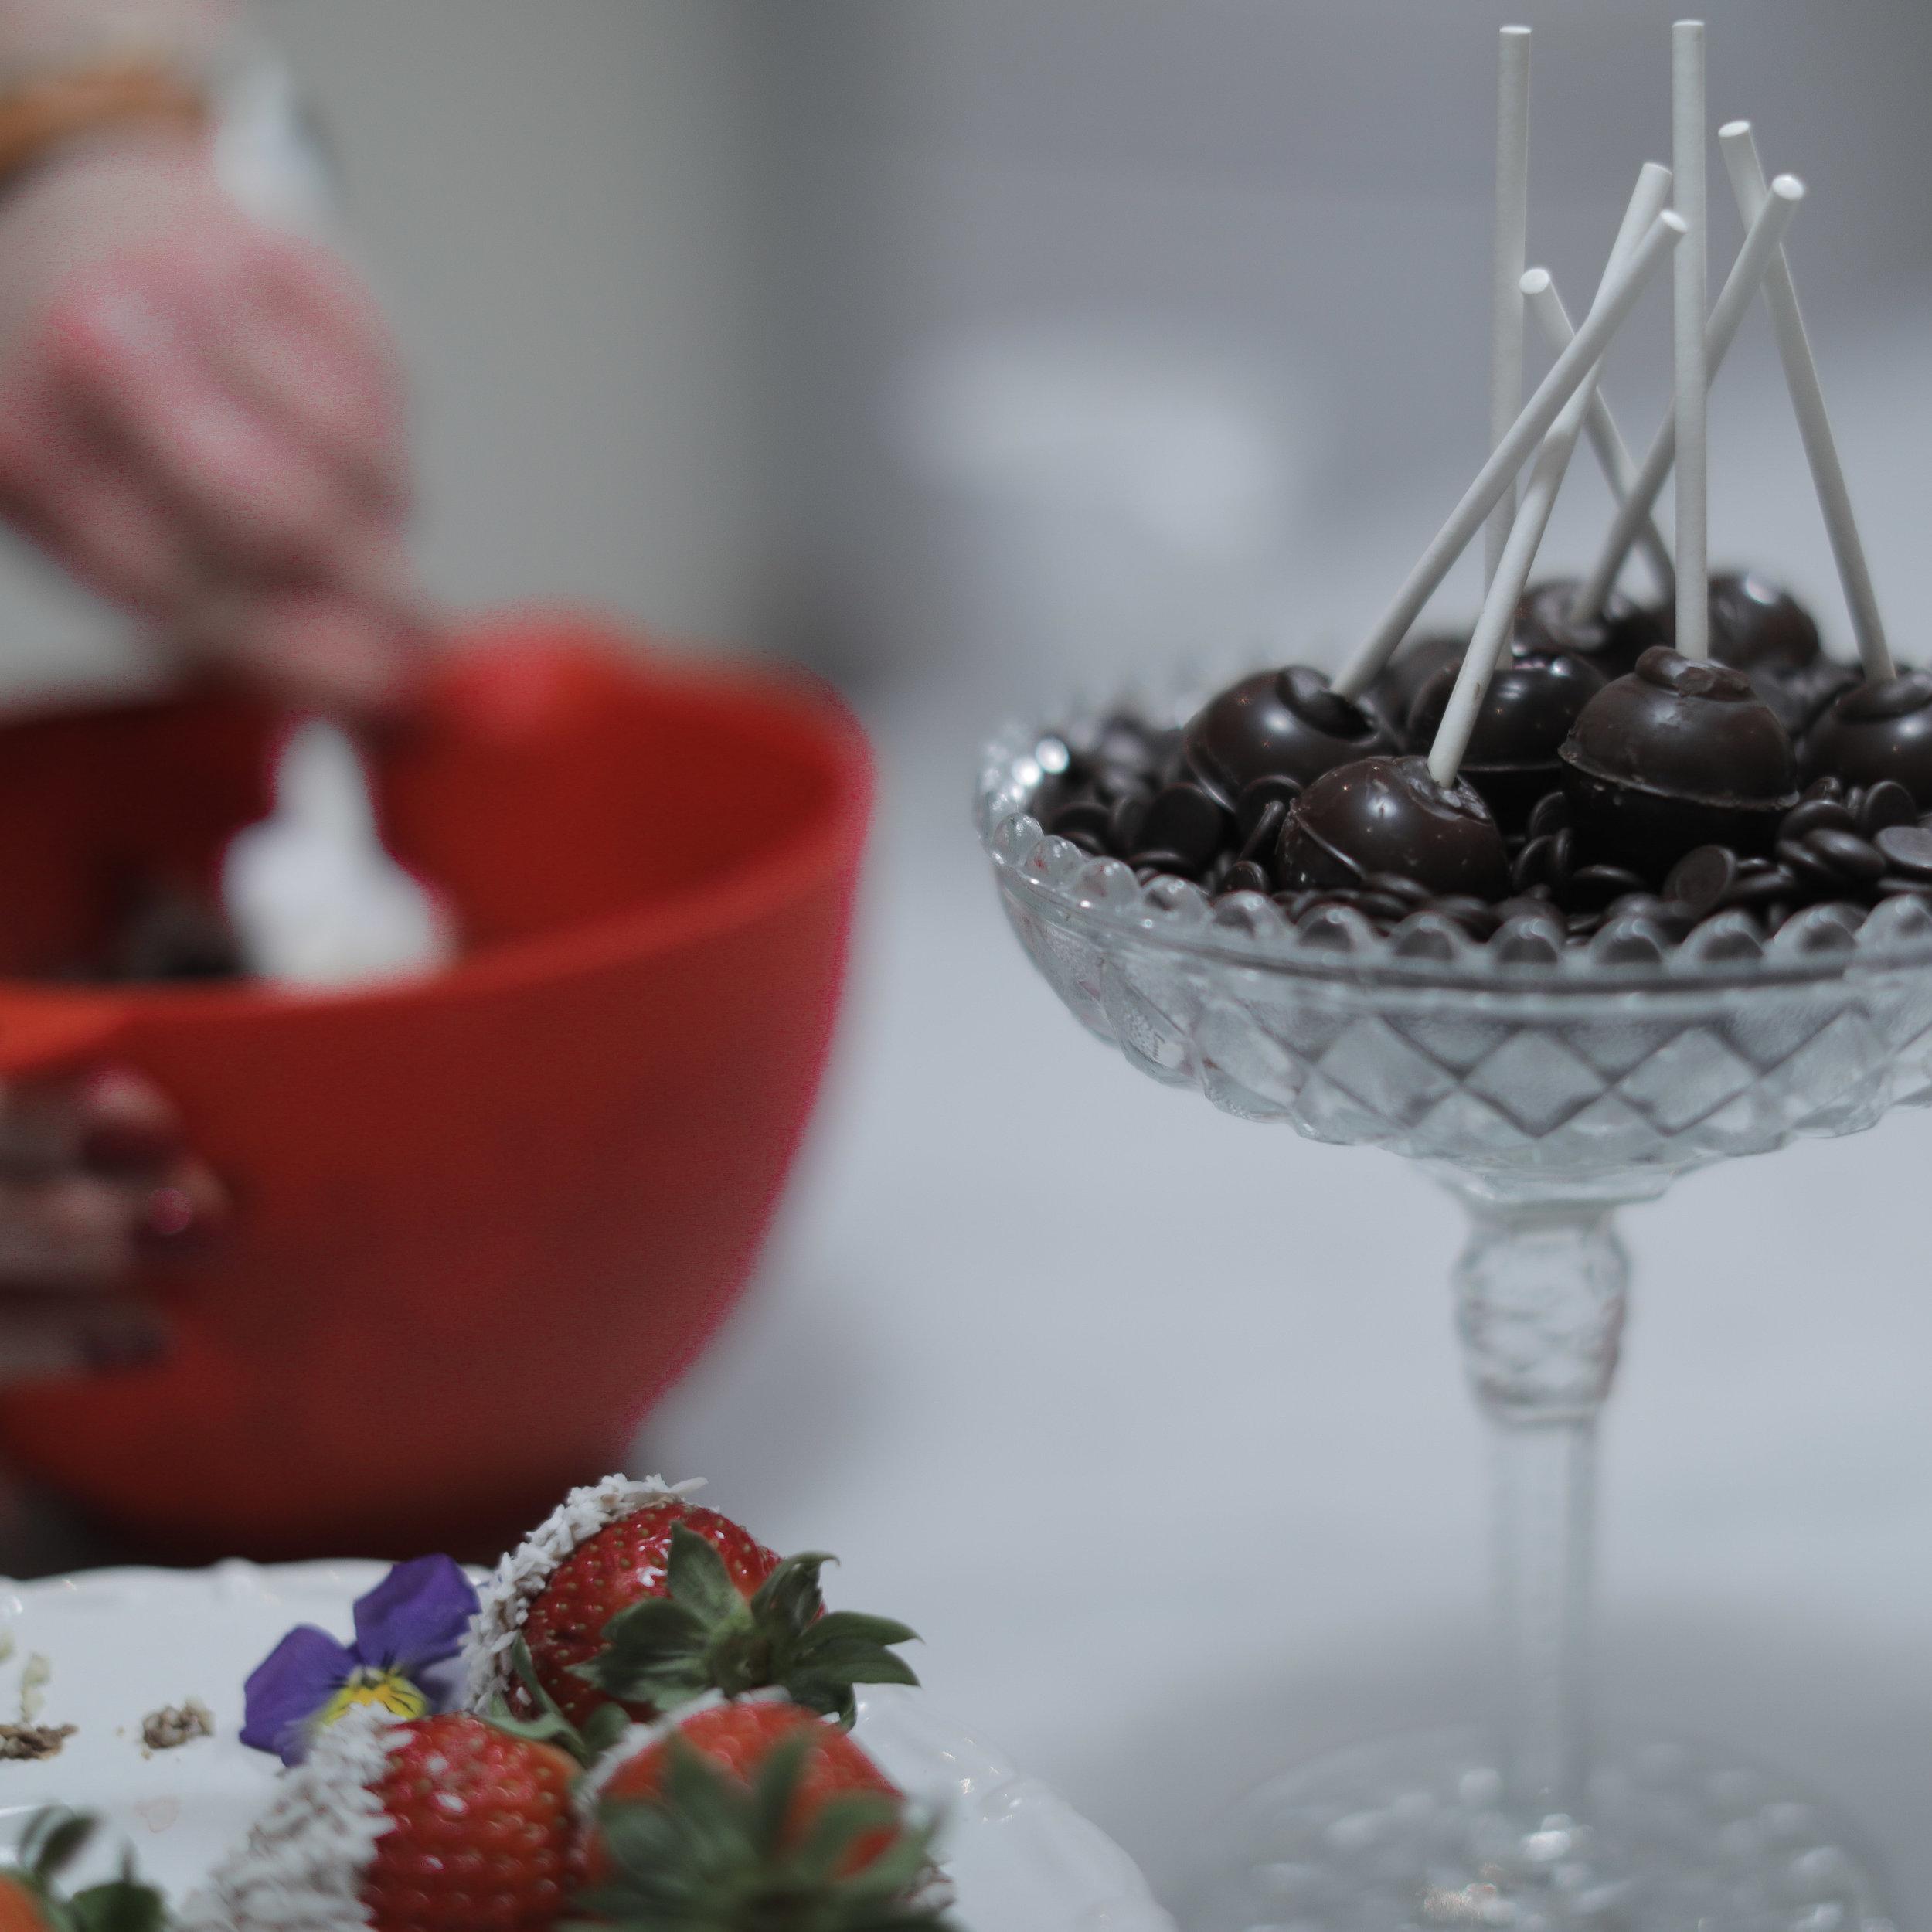 Självklart njöt vi av chokladdoppade jordgubbar, pralinklubbor och kaffe undertiden